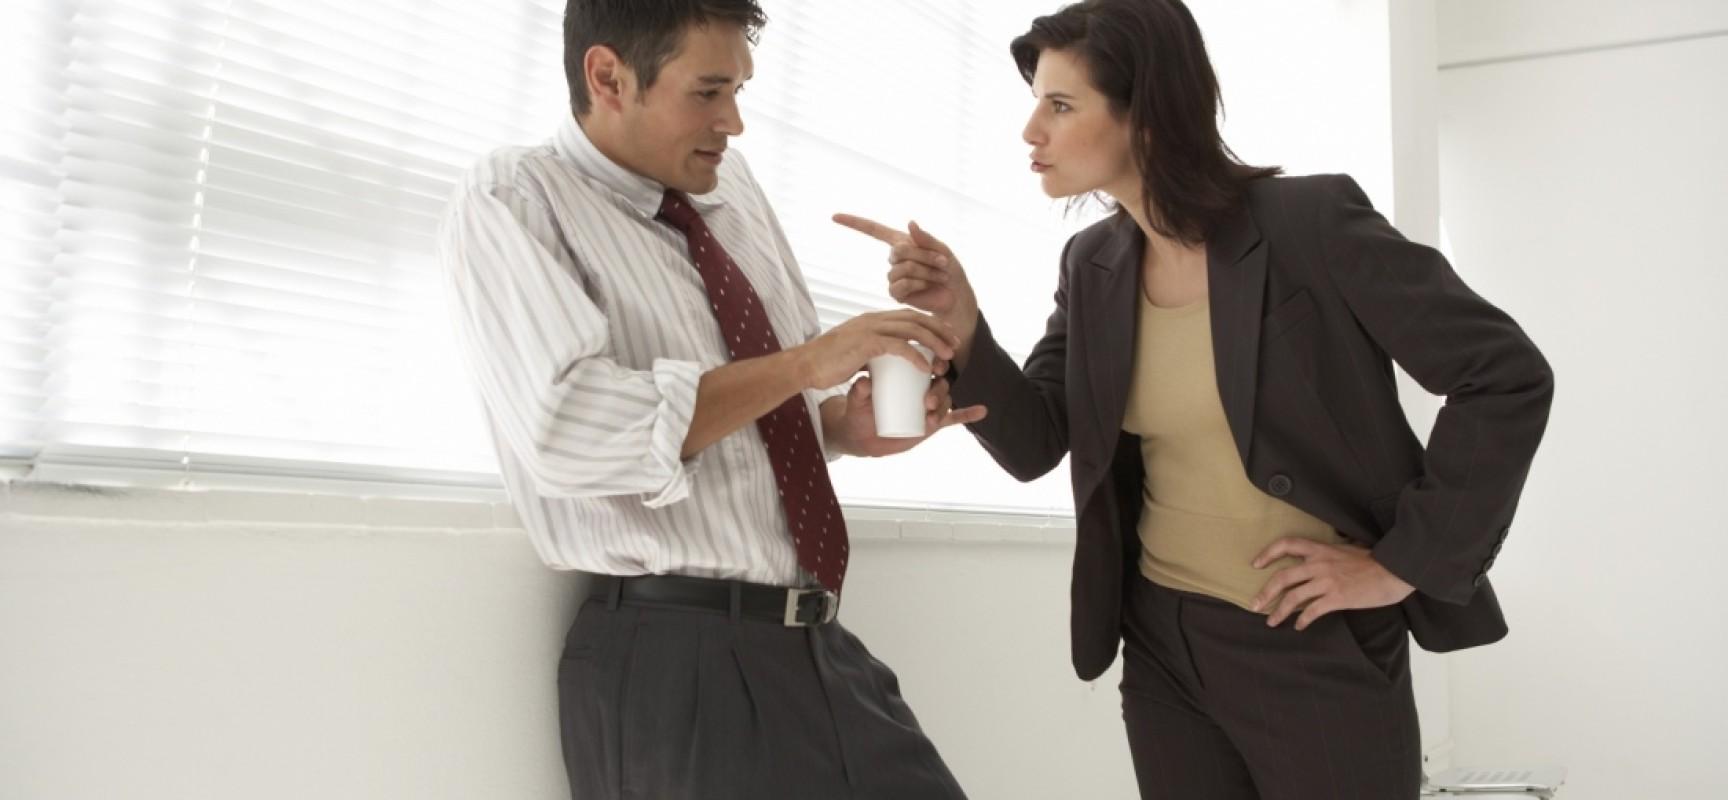 Срок действия дисциплинарного взыскания